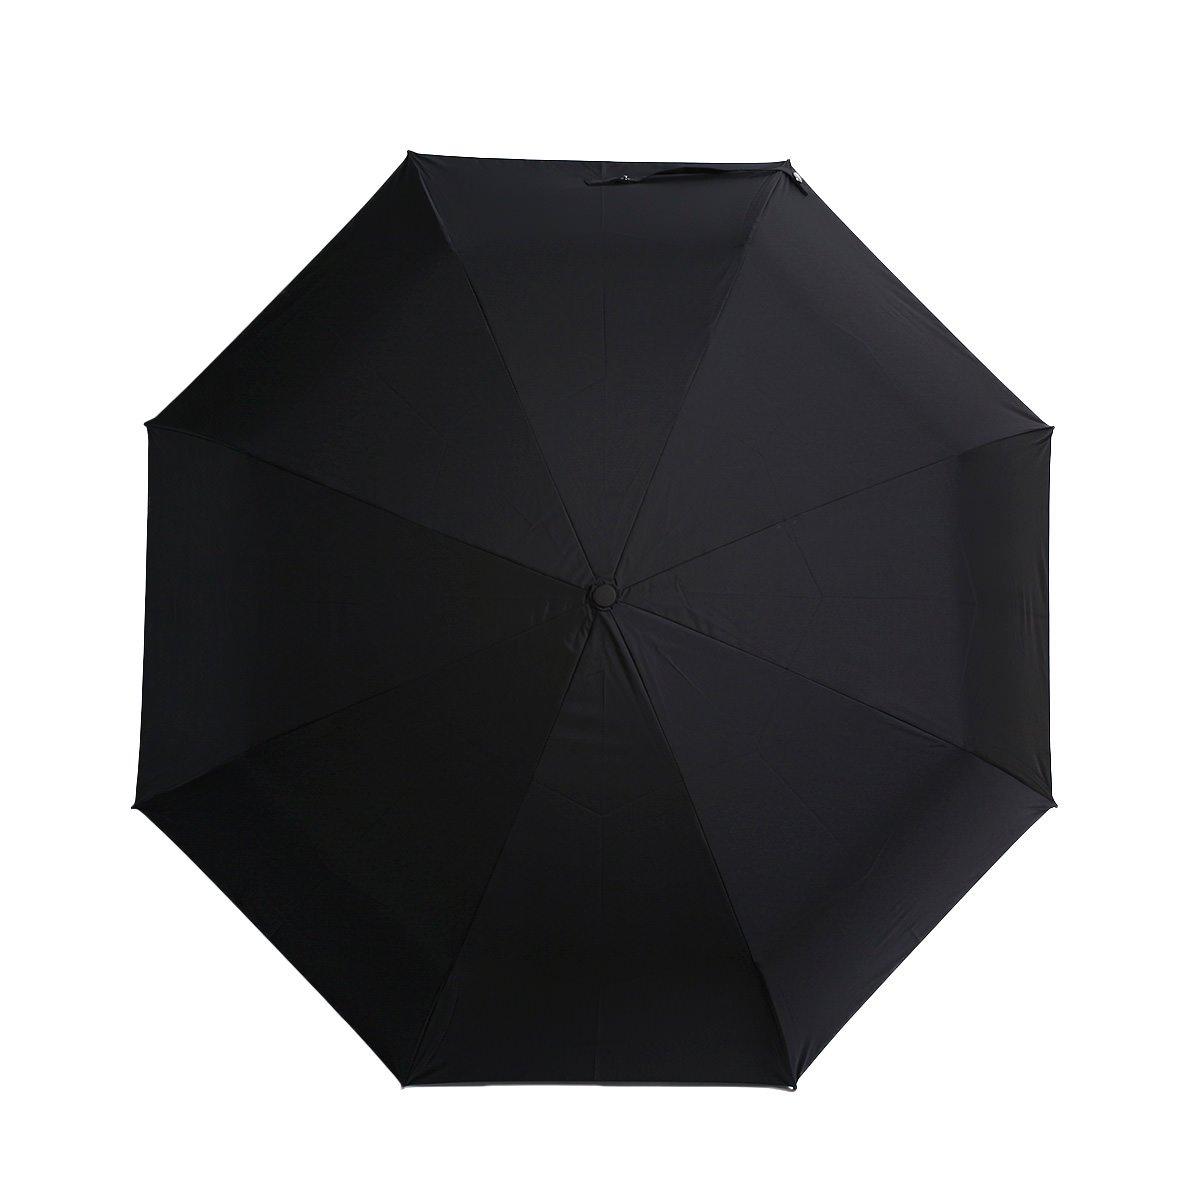 自動開閉 強力撥水 レインドロップ レクタス 折りたたみ傘 詳細画像6